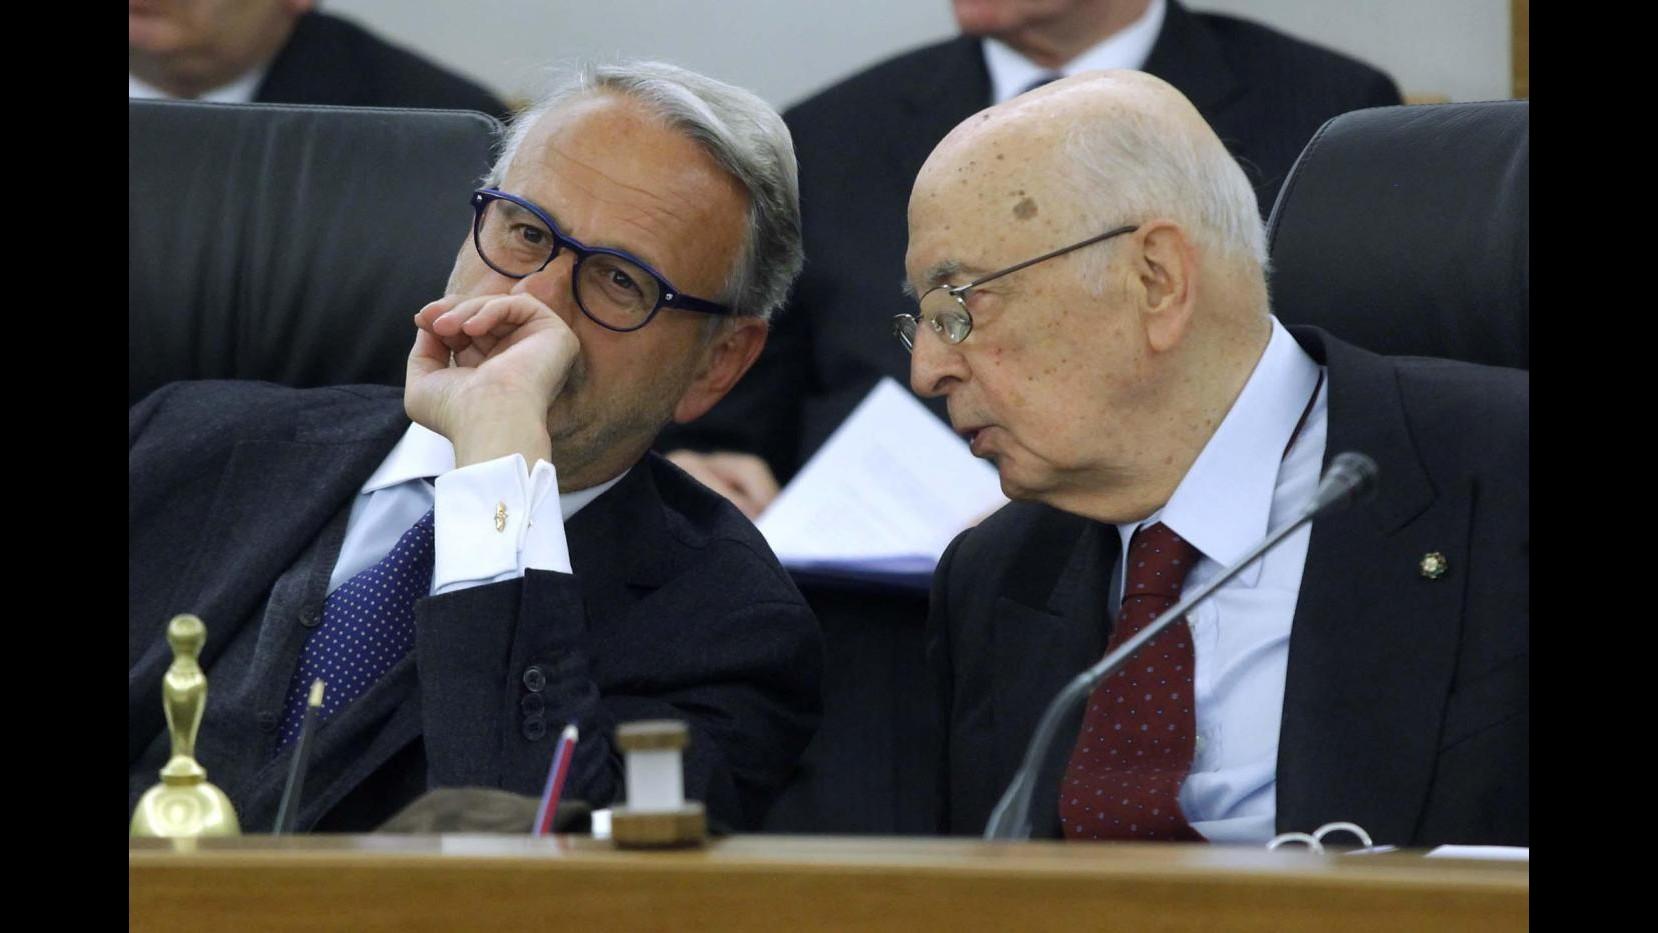 Testo lettera Napolitano a Vietti: Non indebolire credibilità magistrati